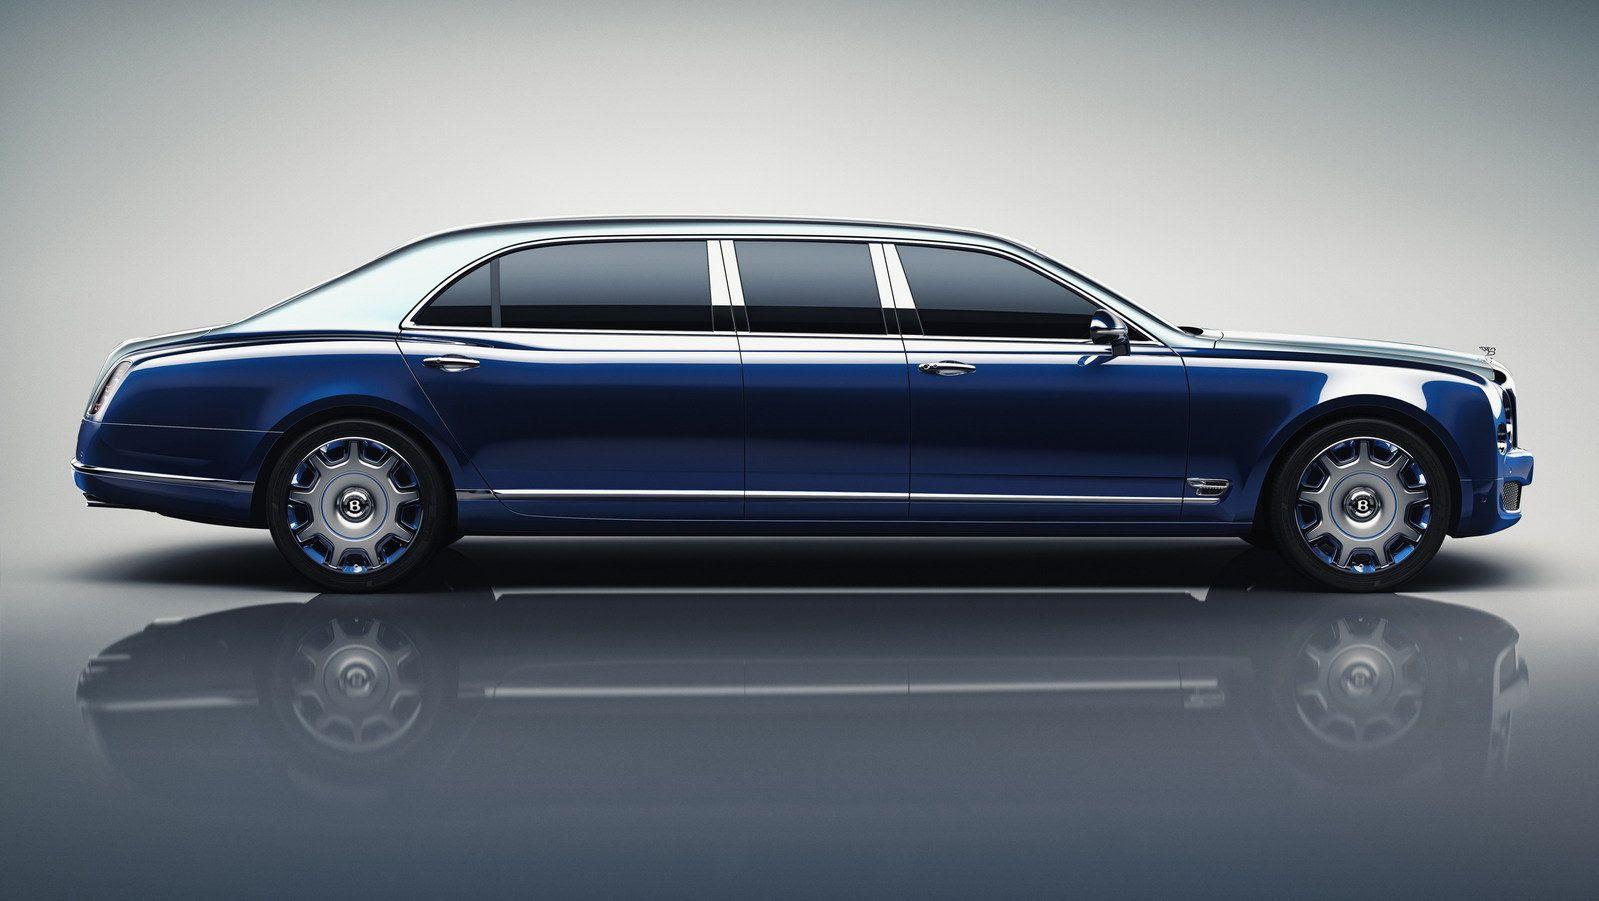 2017 Bentley Mulsanne Cars Pinterest News | 2017 - 2018 Best Car ...